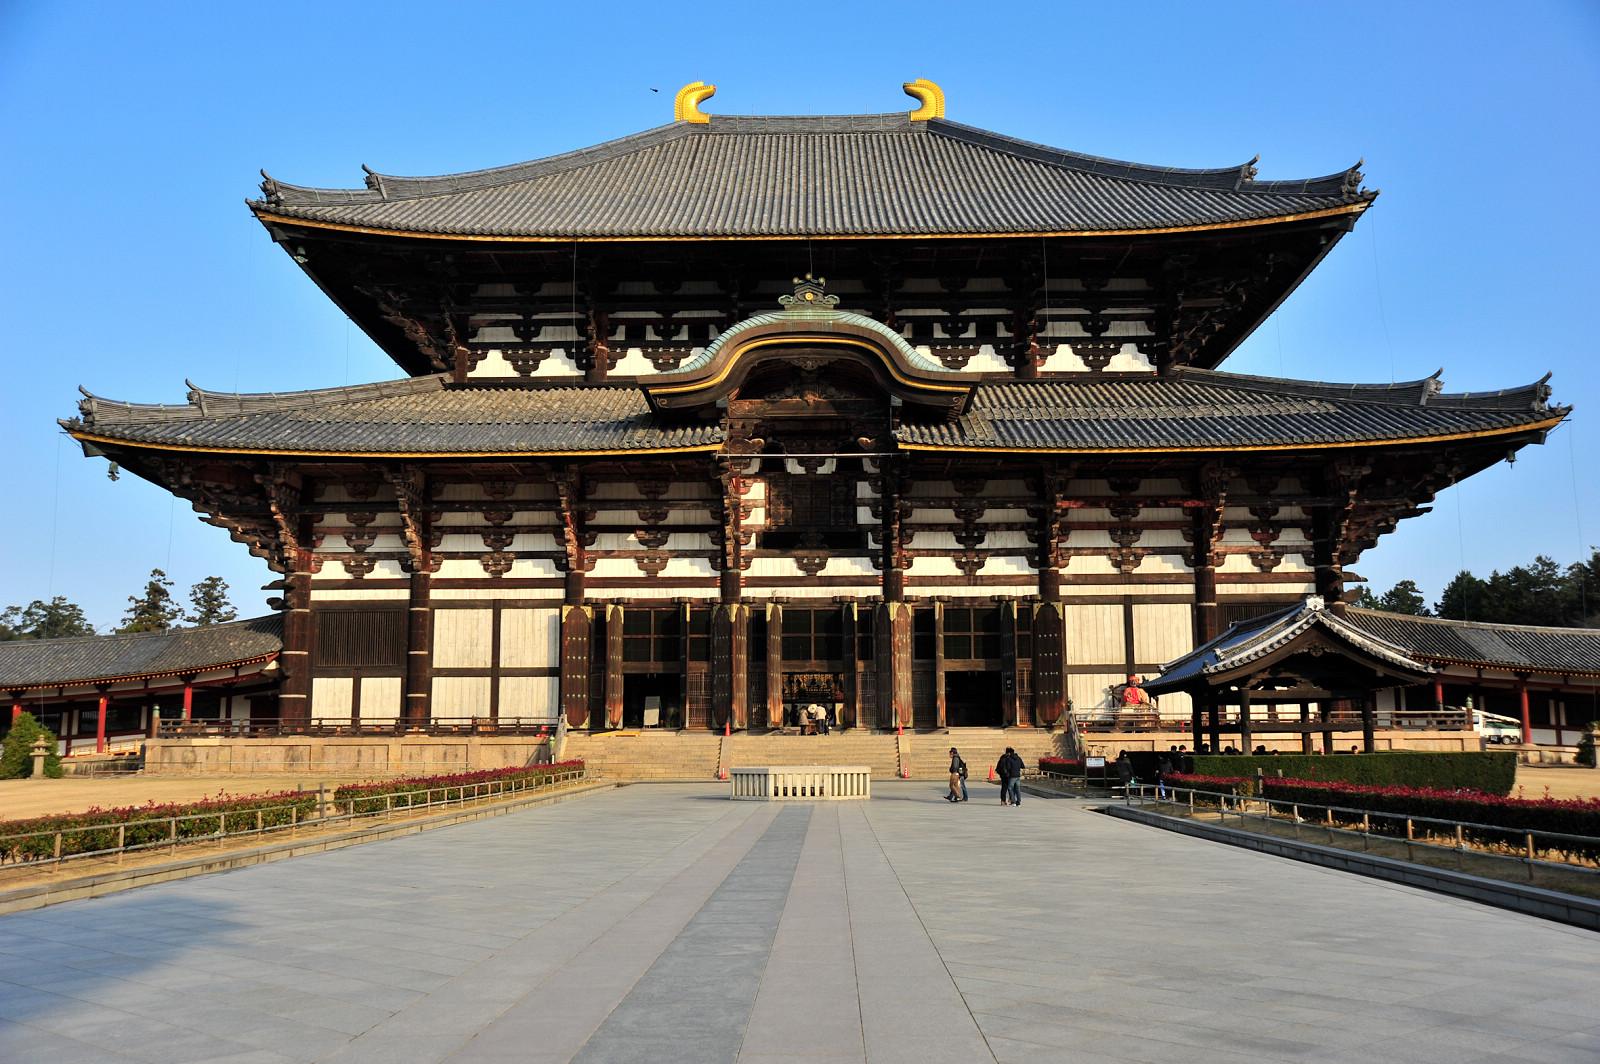 「東大寺大佛殿」的圖片搜尋結果